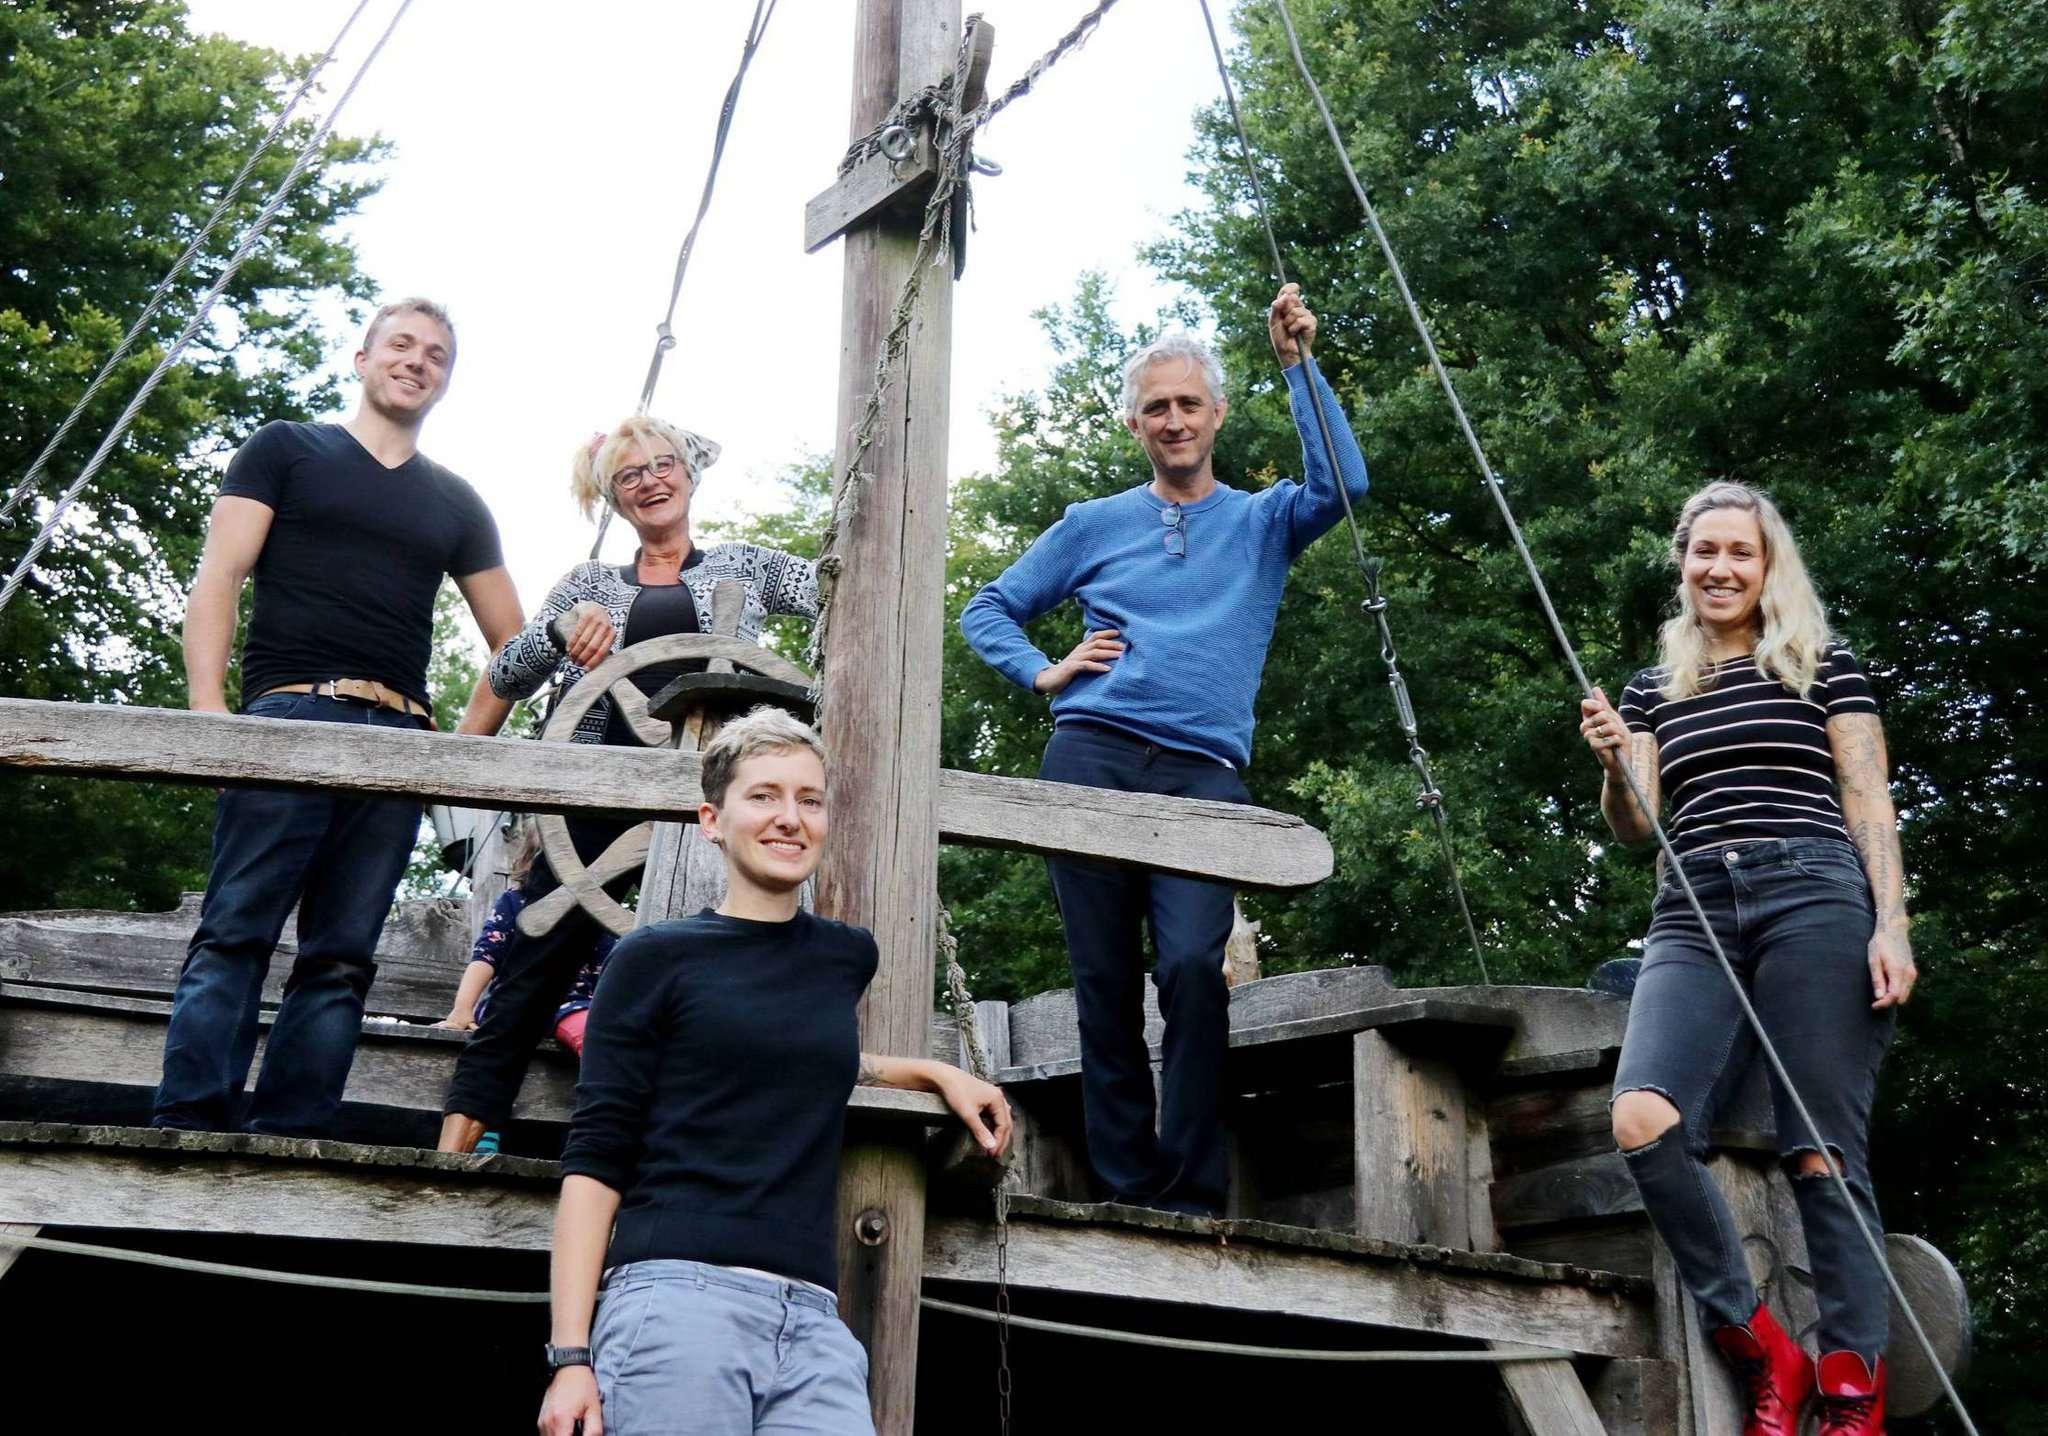 Moritz von Zeddelmann (von links), Karin Schroeder, Katja Müller, Michael Bandt und Zsuzsa von Zeddelmann freuen sich auf das Sommertheater. Foto: Nina Baucke